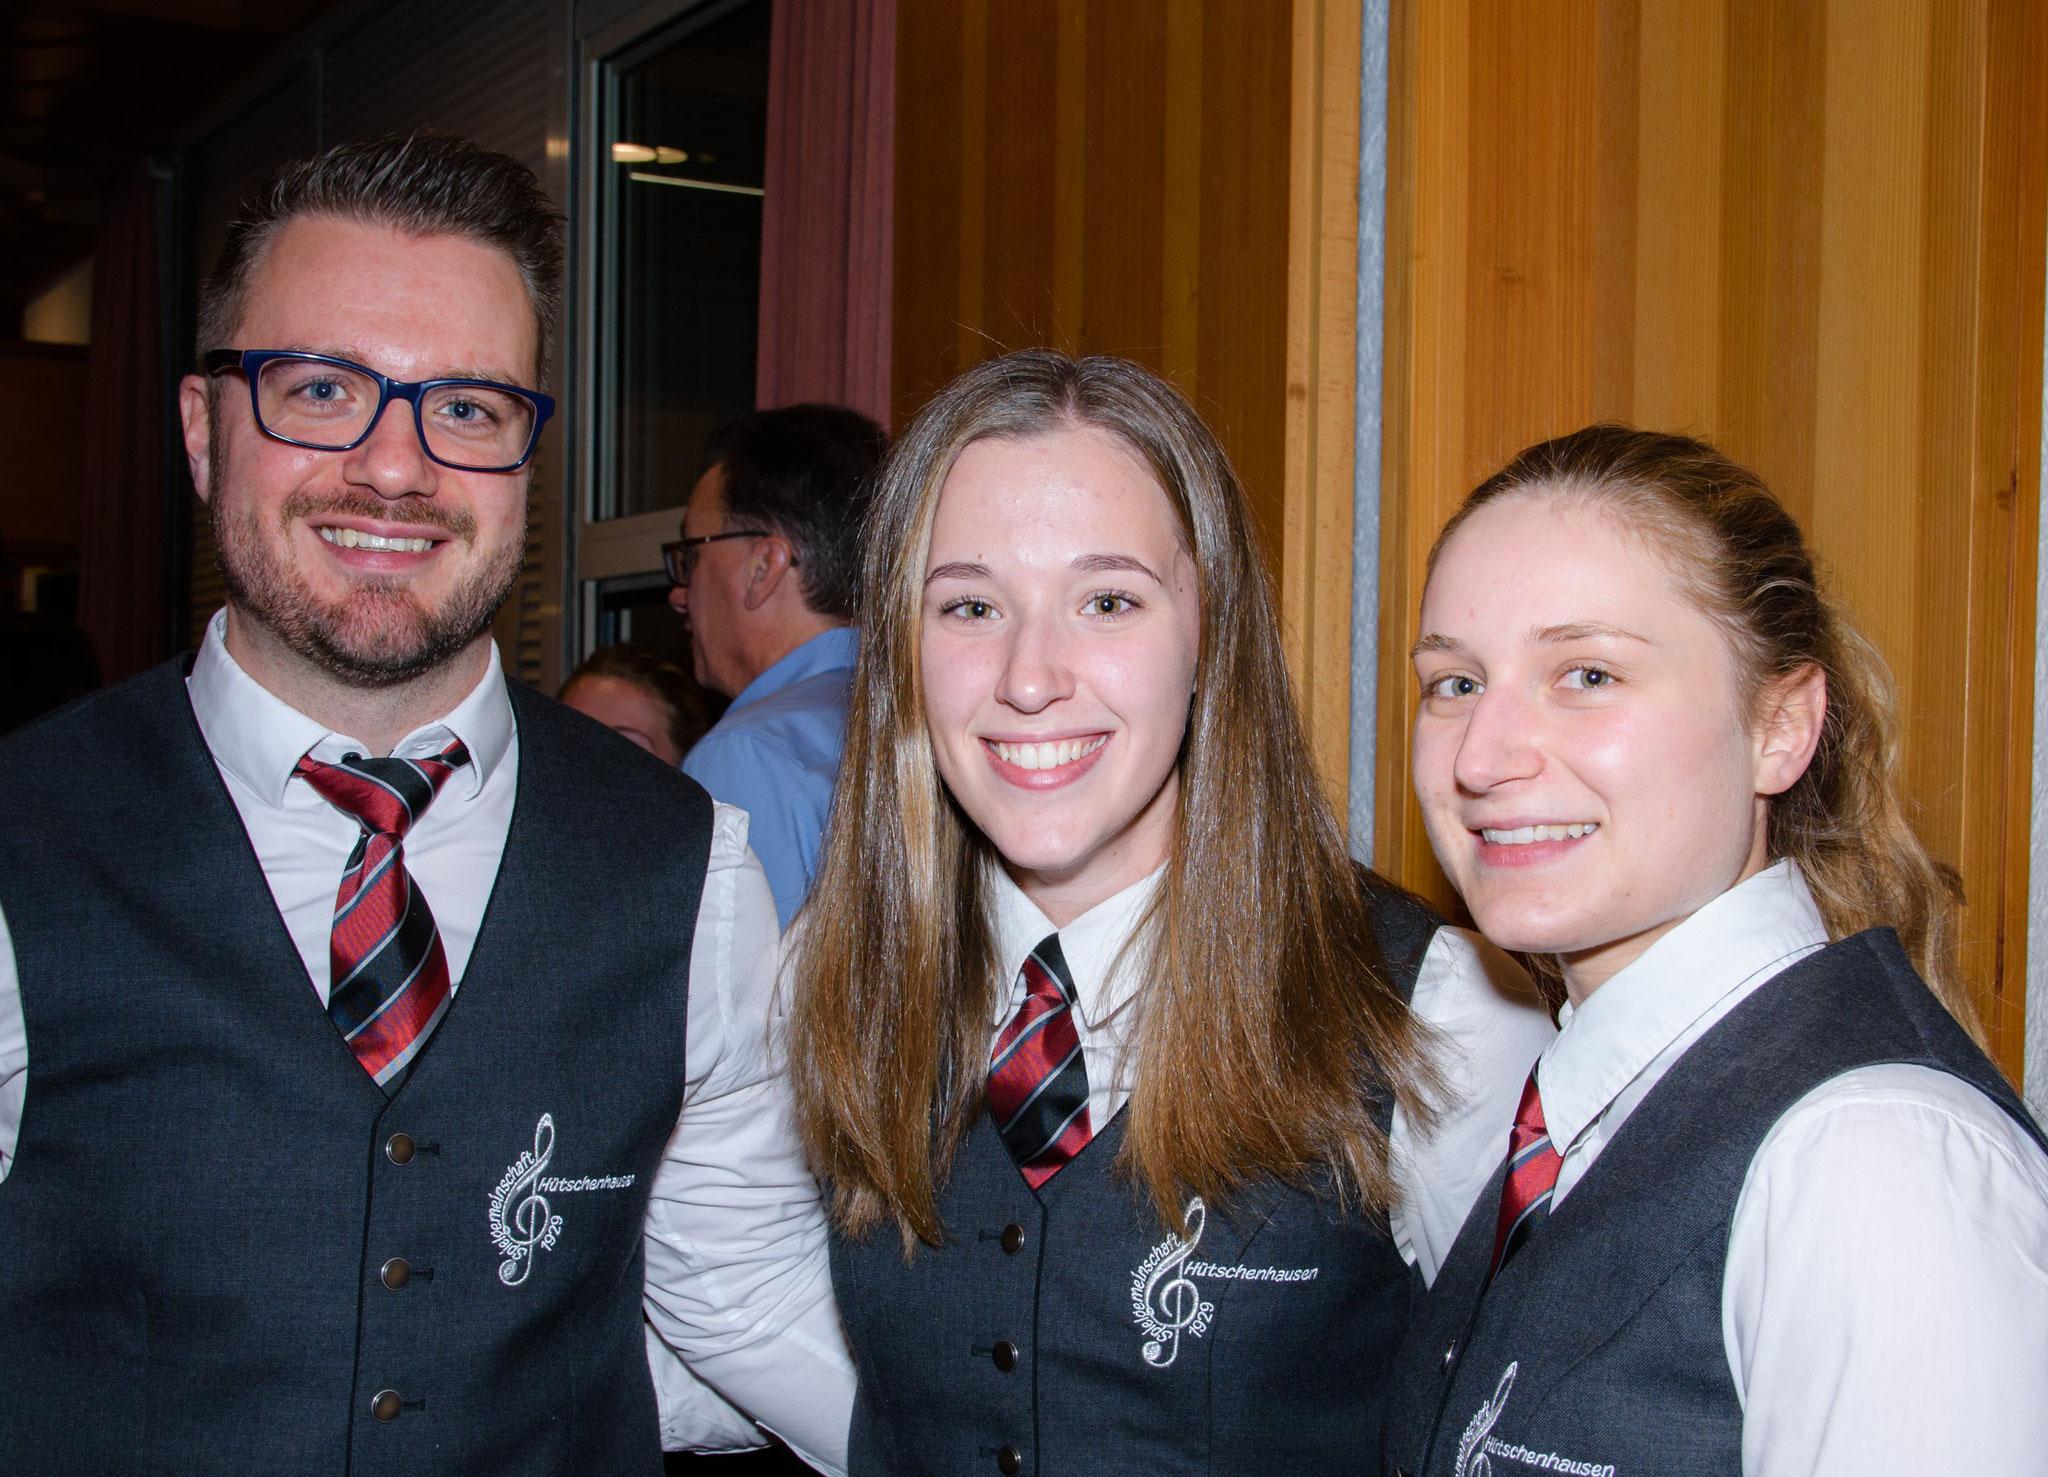 Unsere Musiker Florian, Jessica und Laura genossen die Pause in der Mitte des Programms.